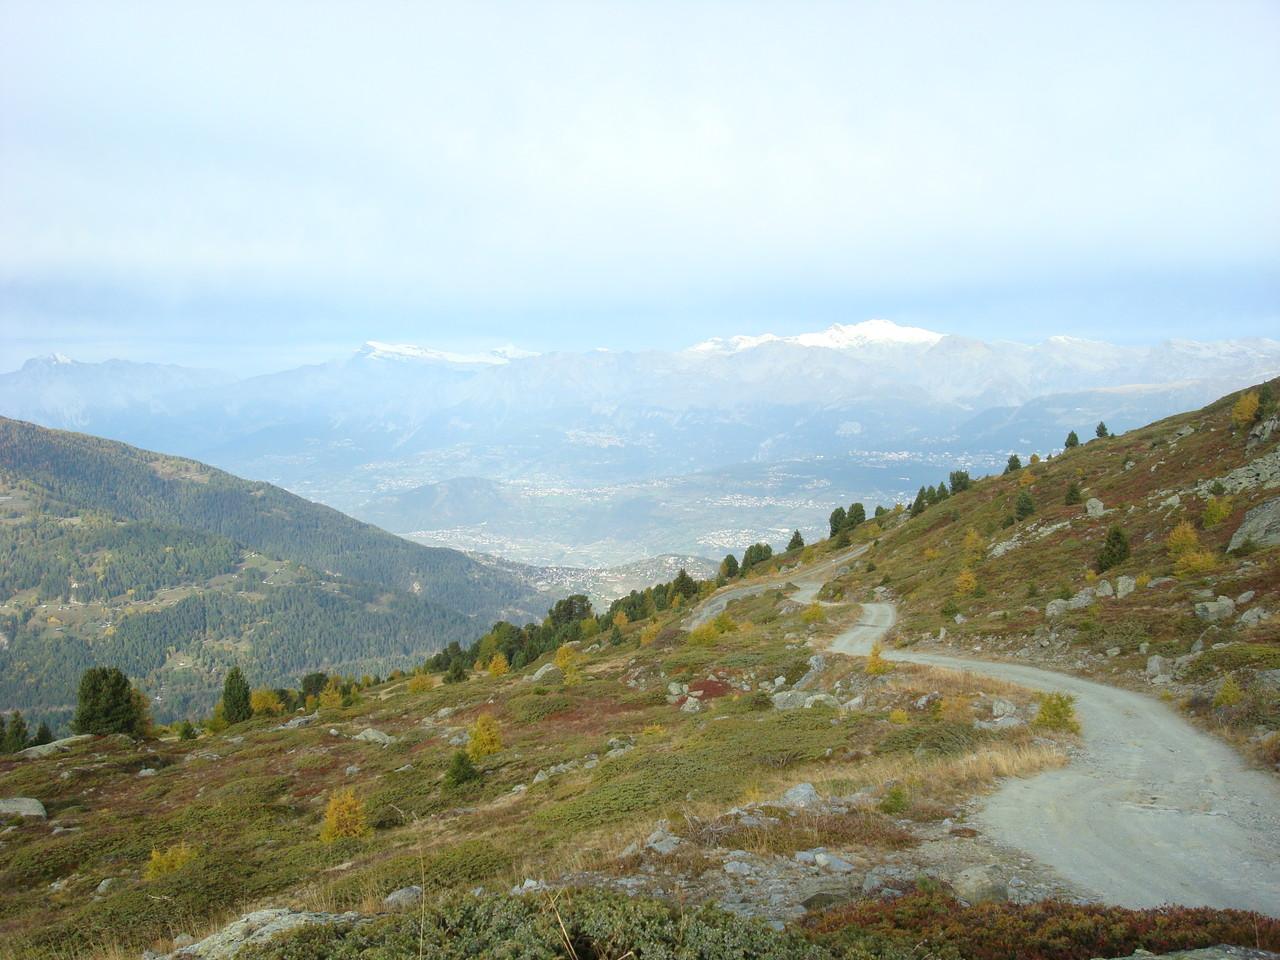 auf dem Höhenweg nach der Cabane Bella Tola Blick Richtung Rhônetal